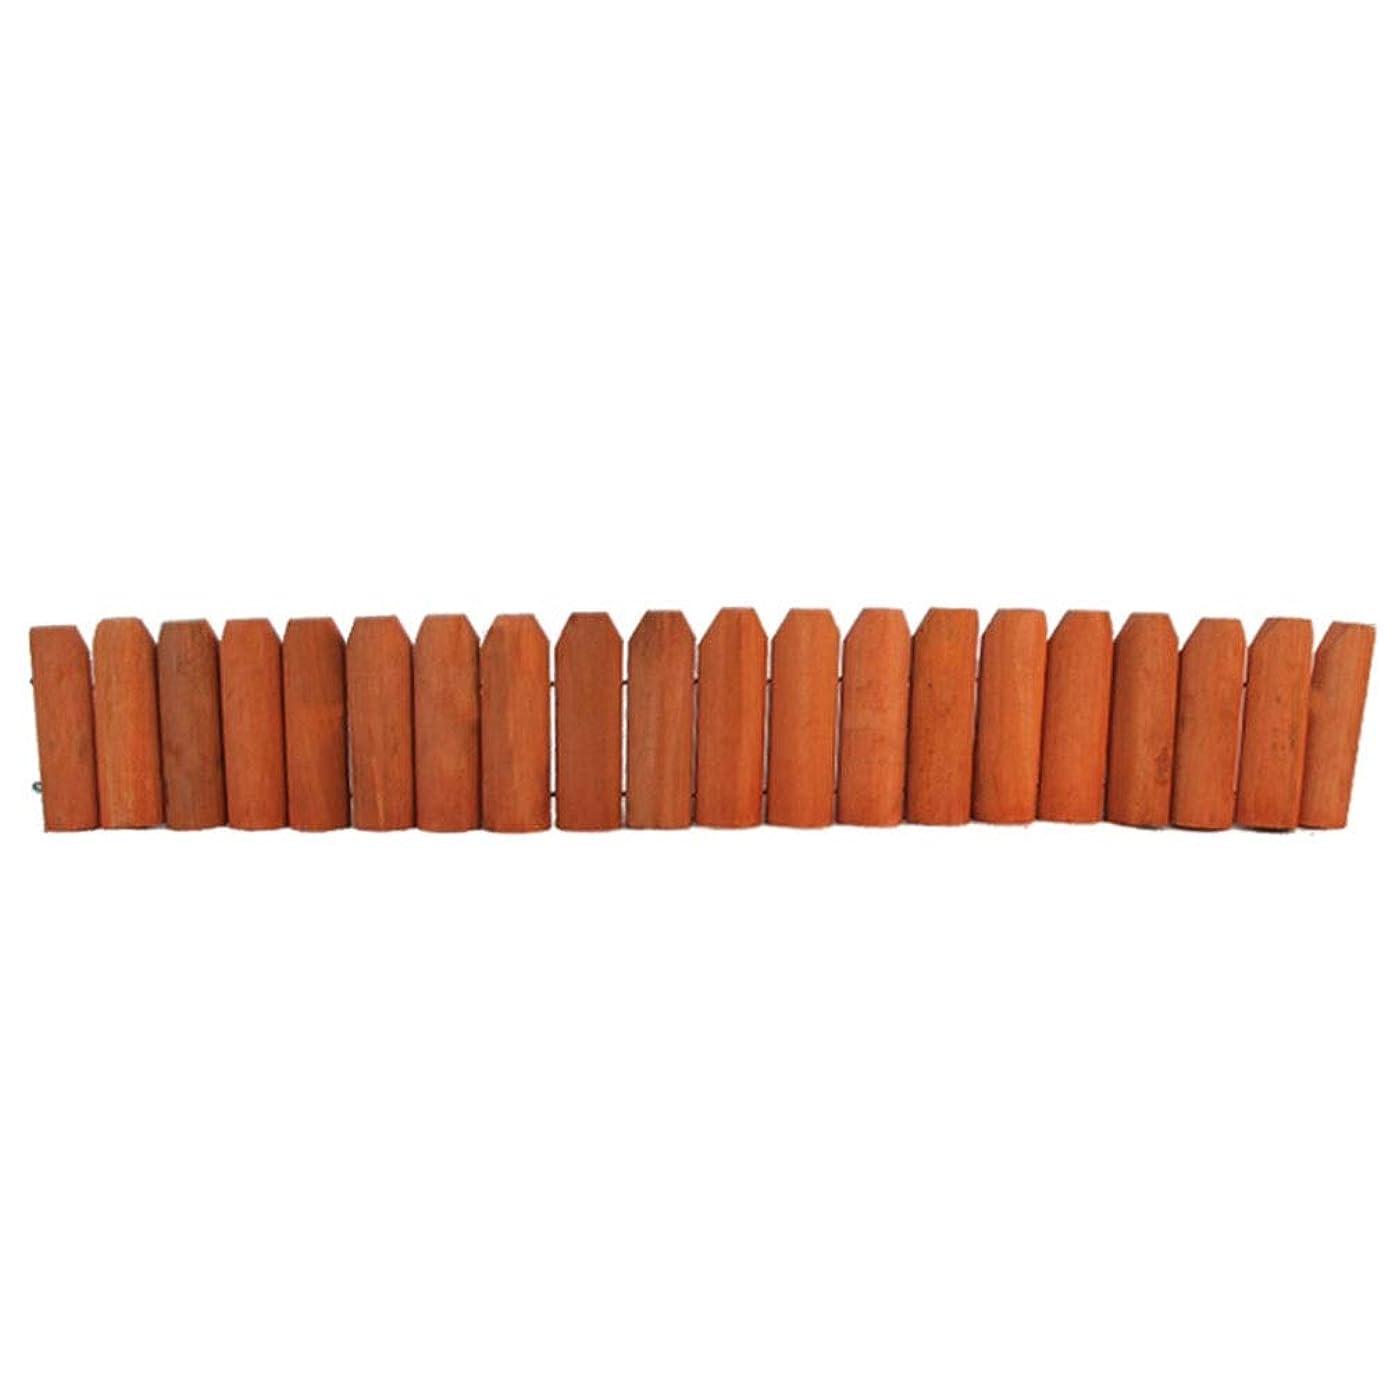 GZHENH 木製ボーダーフェンス プラントガードレール ウッドフェンス 防水 耐食性 環境を守ること フラワープールエッジ 、3色 4サイズ (Color : Orange, Size : 118x18cm)